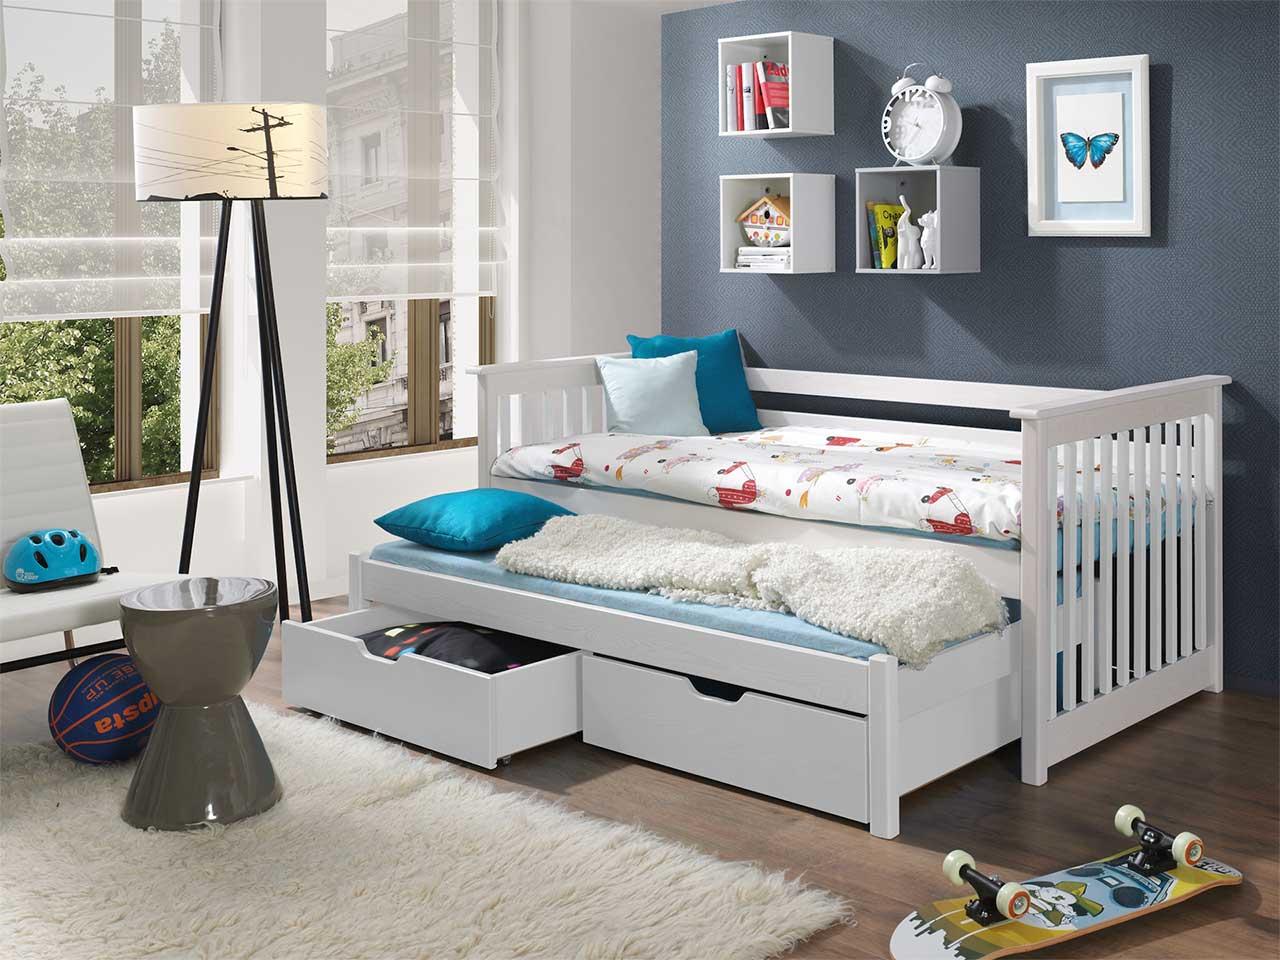 łóżko Piętrowe Niskie 2 Osobowe Do Pokoju Młodzieżowego Syriusz